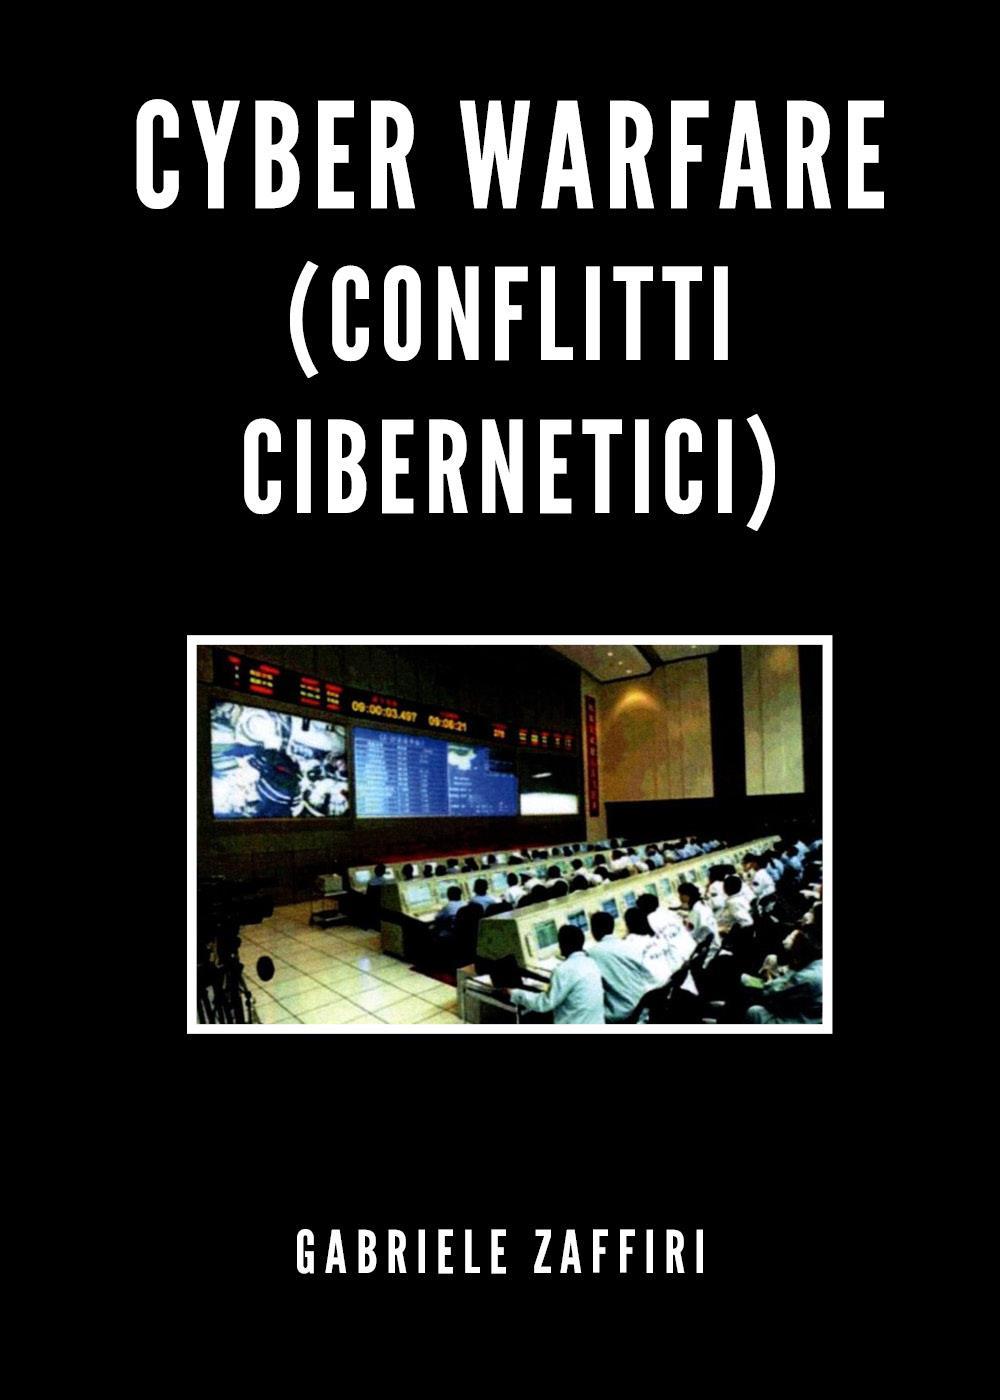 Cyber Warfare (conflitti cibernetici)